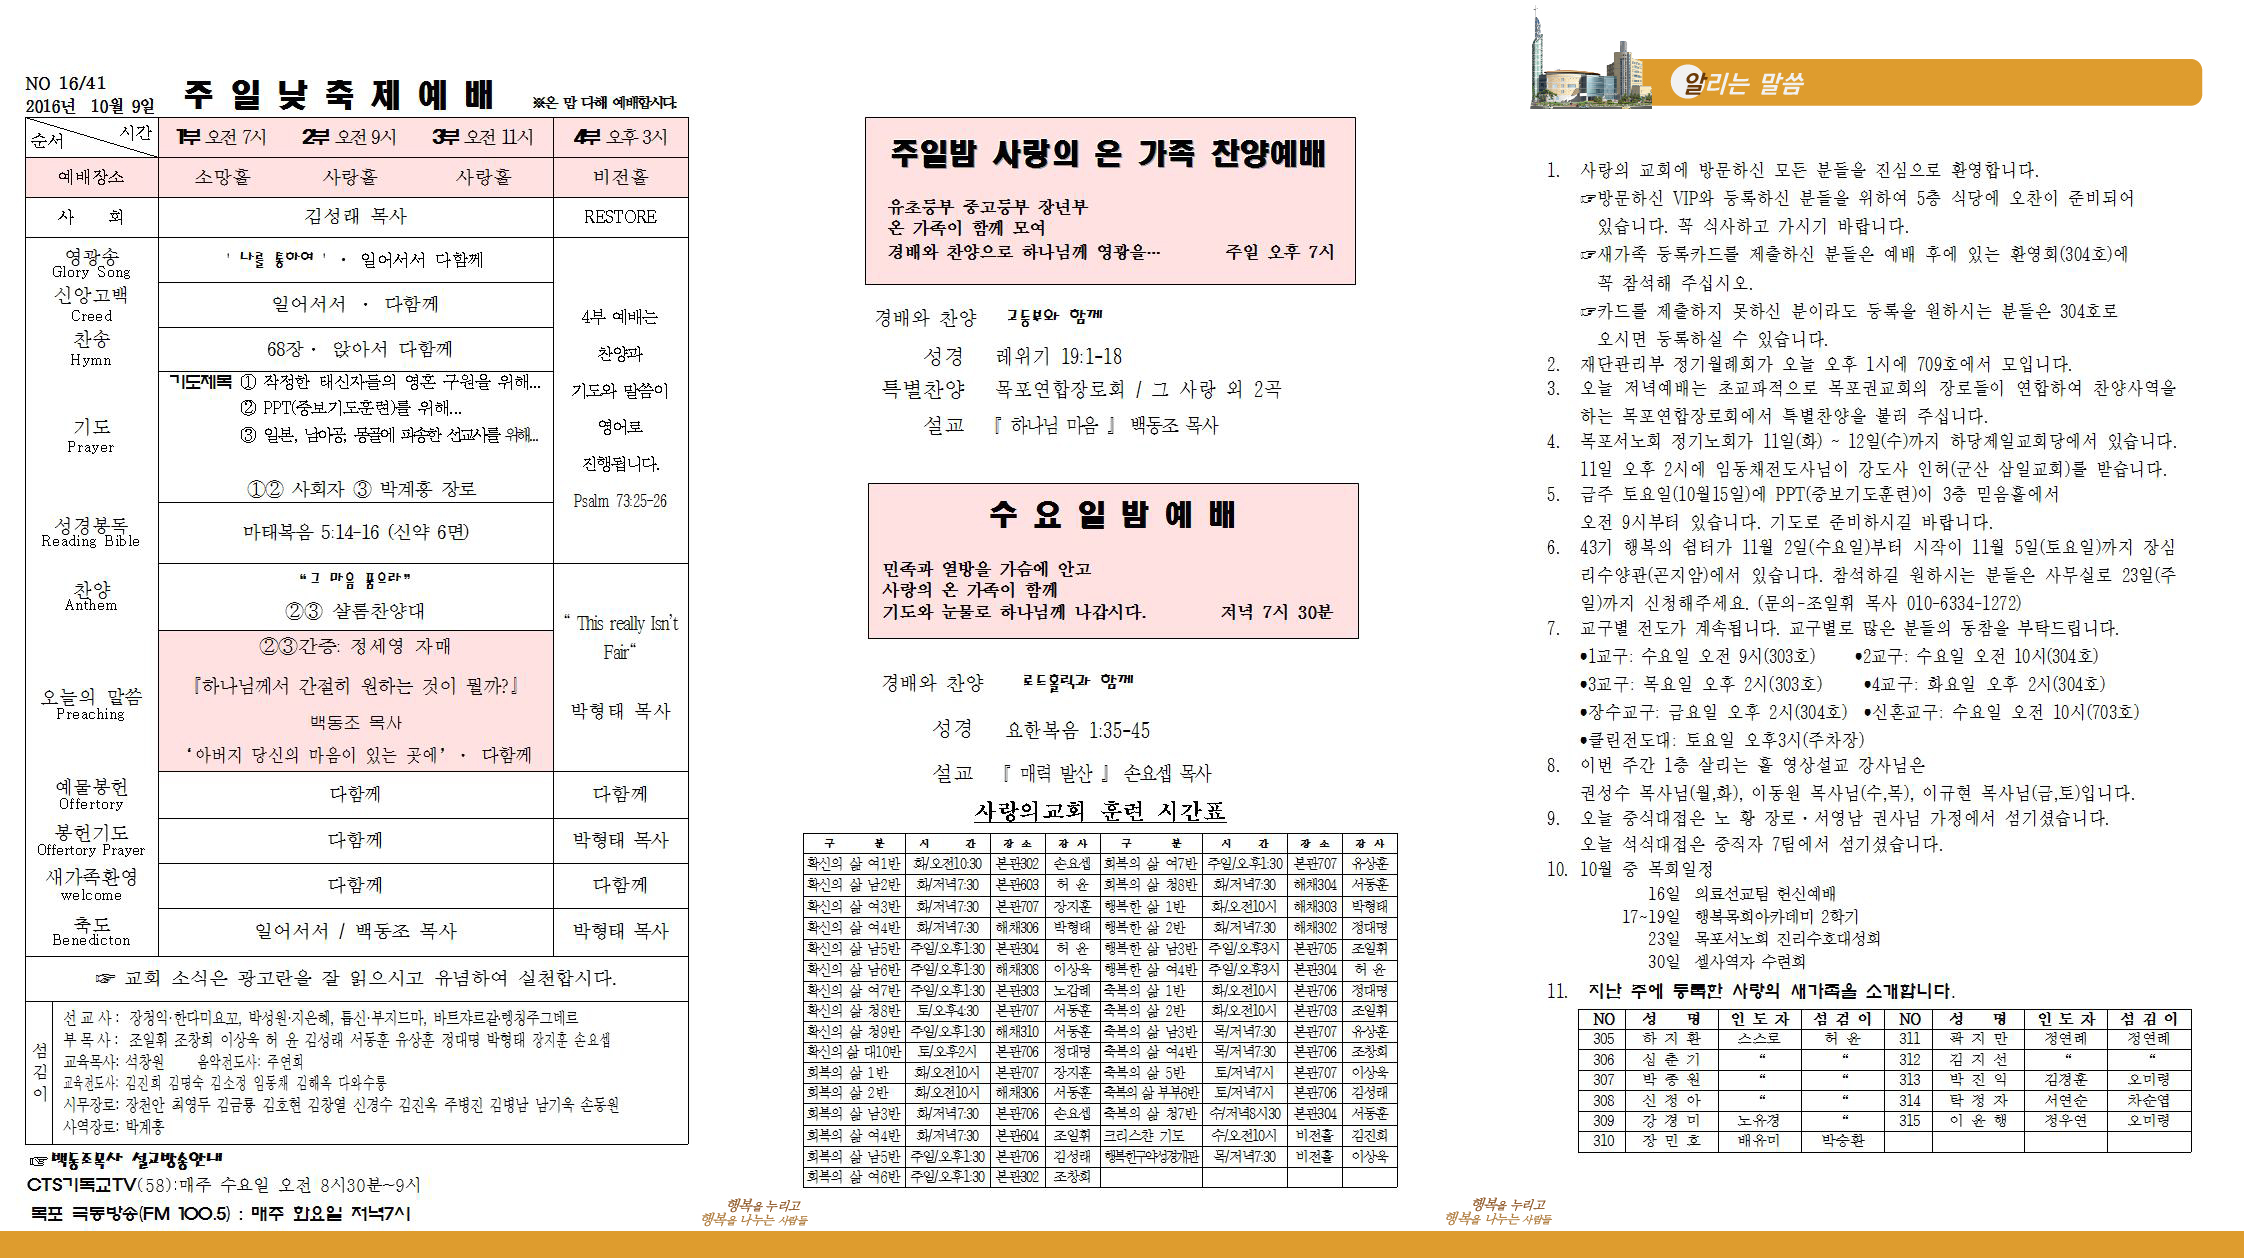 16-10-09_주보한글-01.jpg